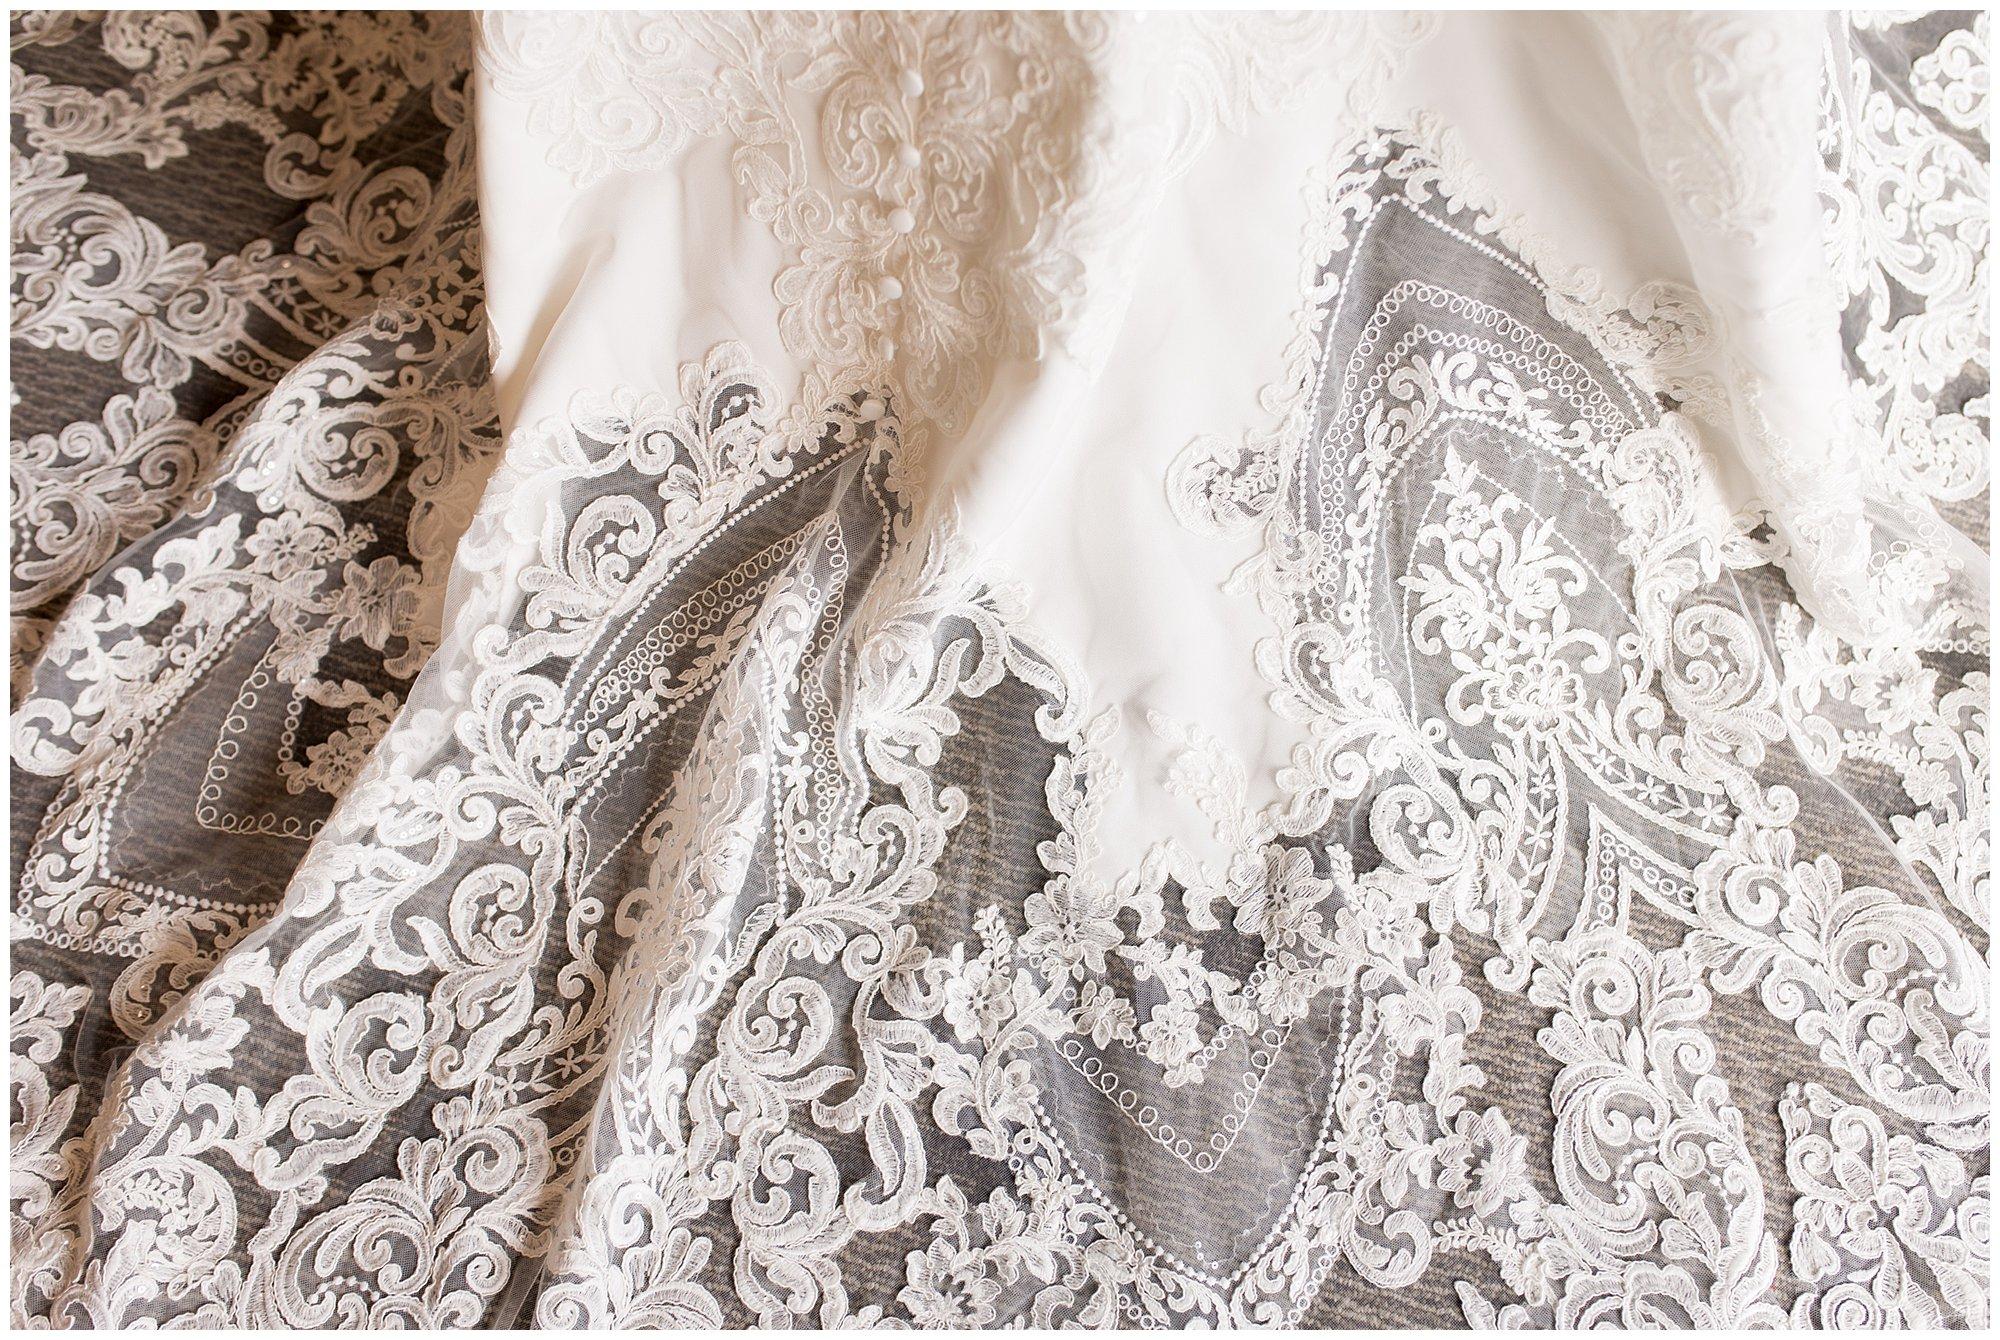 Ellen's Bridal dress